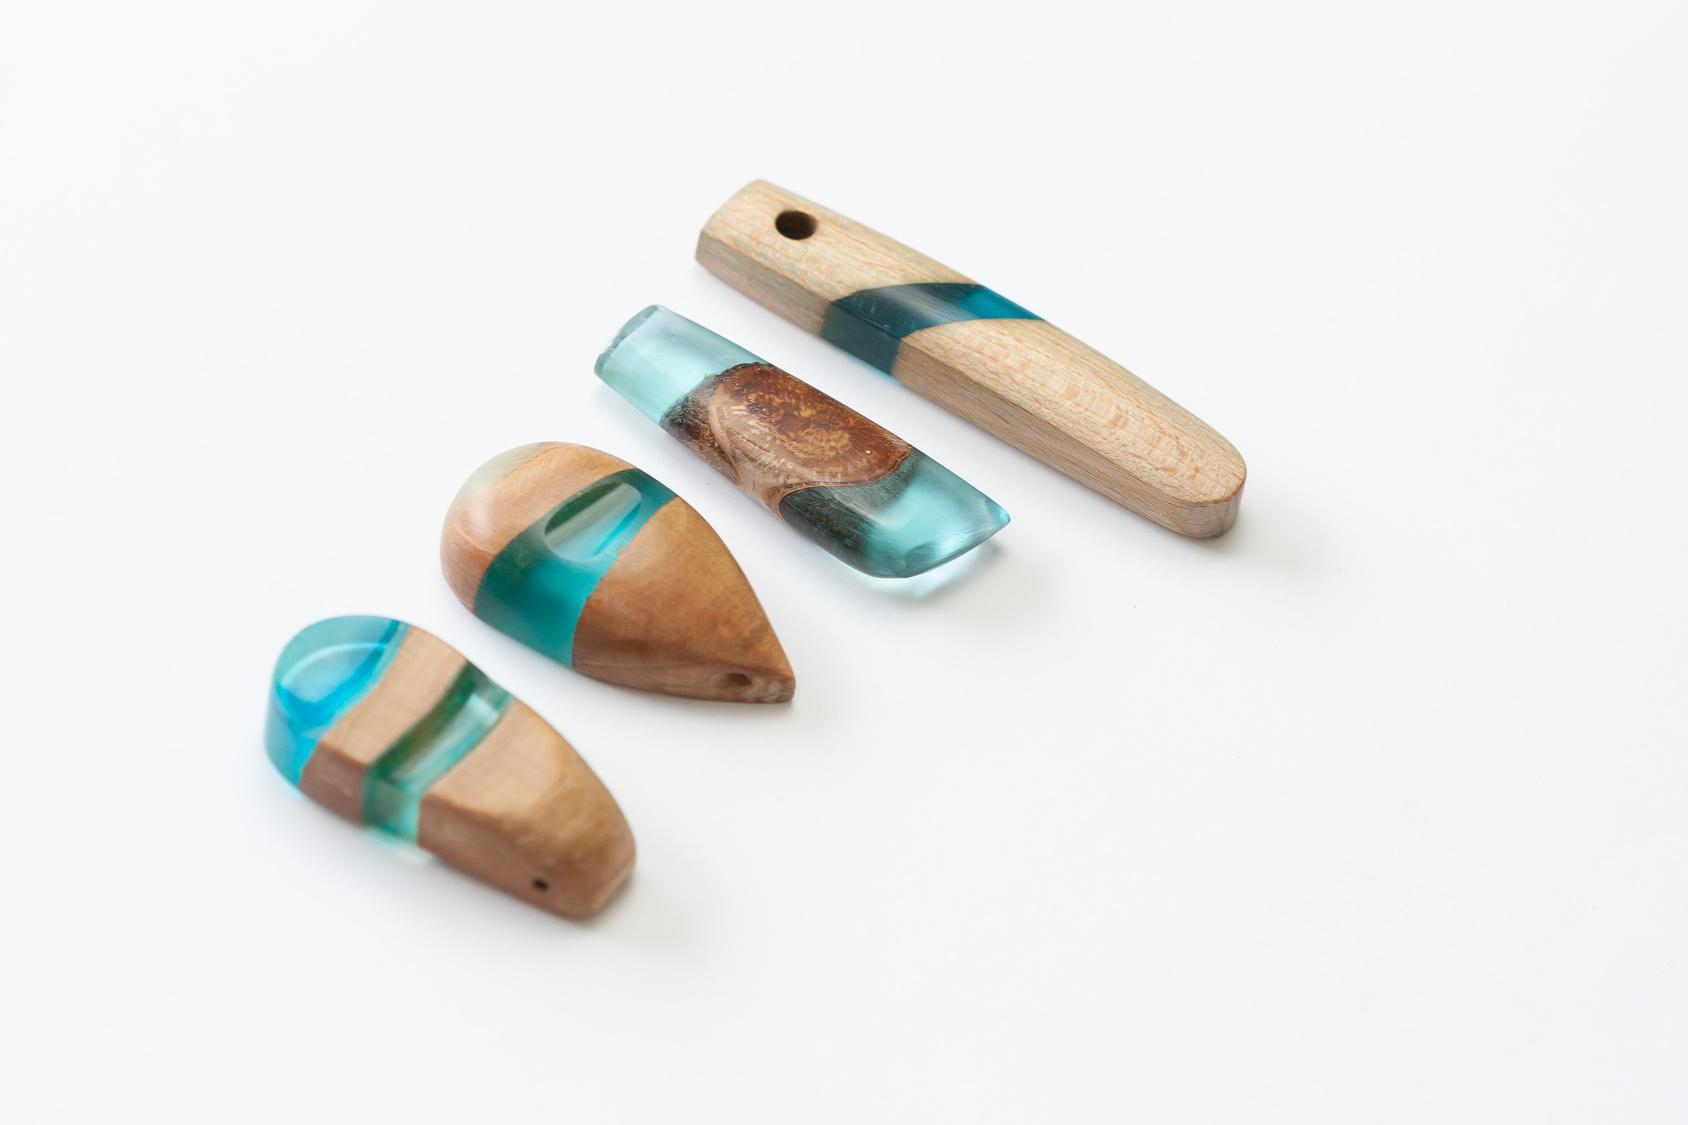 Technika biżuteryjna: drewno z żywicą